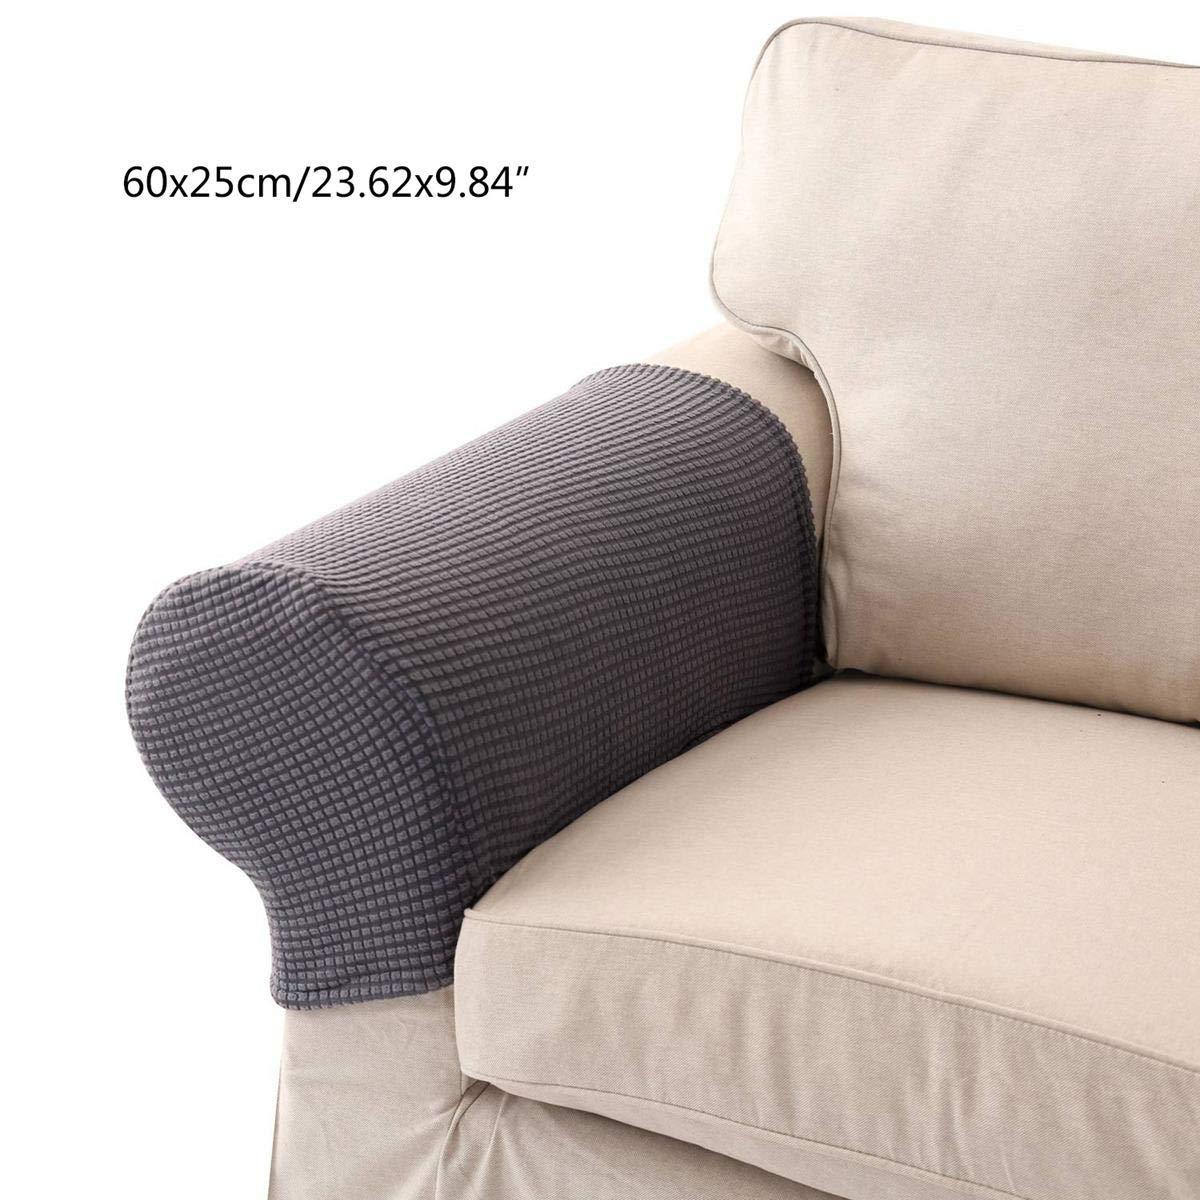 Umiwe ストレッチアームレストカバー スパンデックスポリエステルアームキャップ 2個セット アームチェア ソファ 椅子 カウチ ストレッチアームスリップカバー 家具プロテクター (1組) B07KCDQ4Z3  シルバーグレー B07KCDQ4Z3